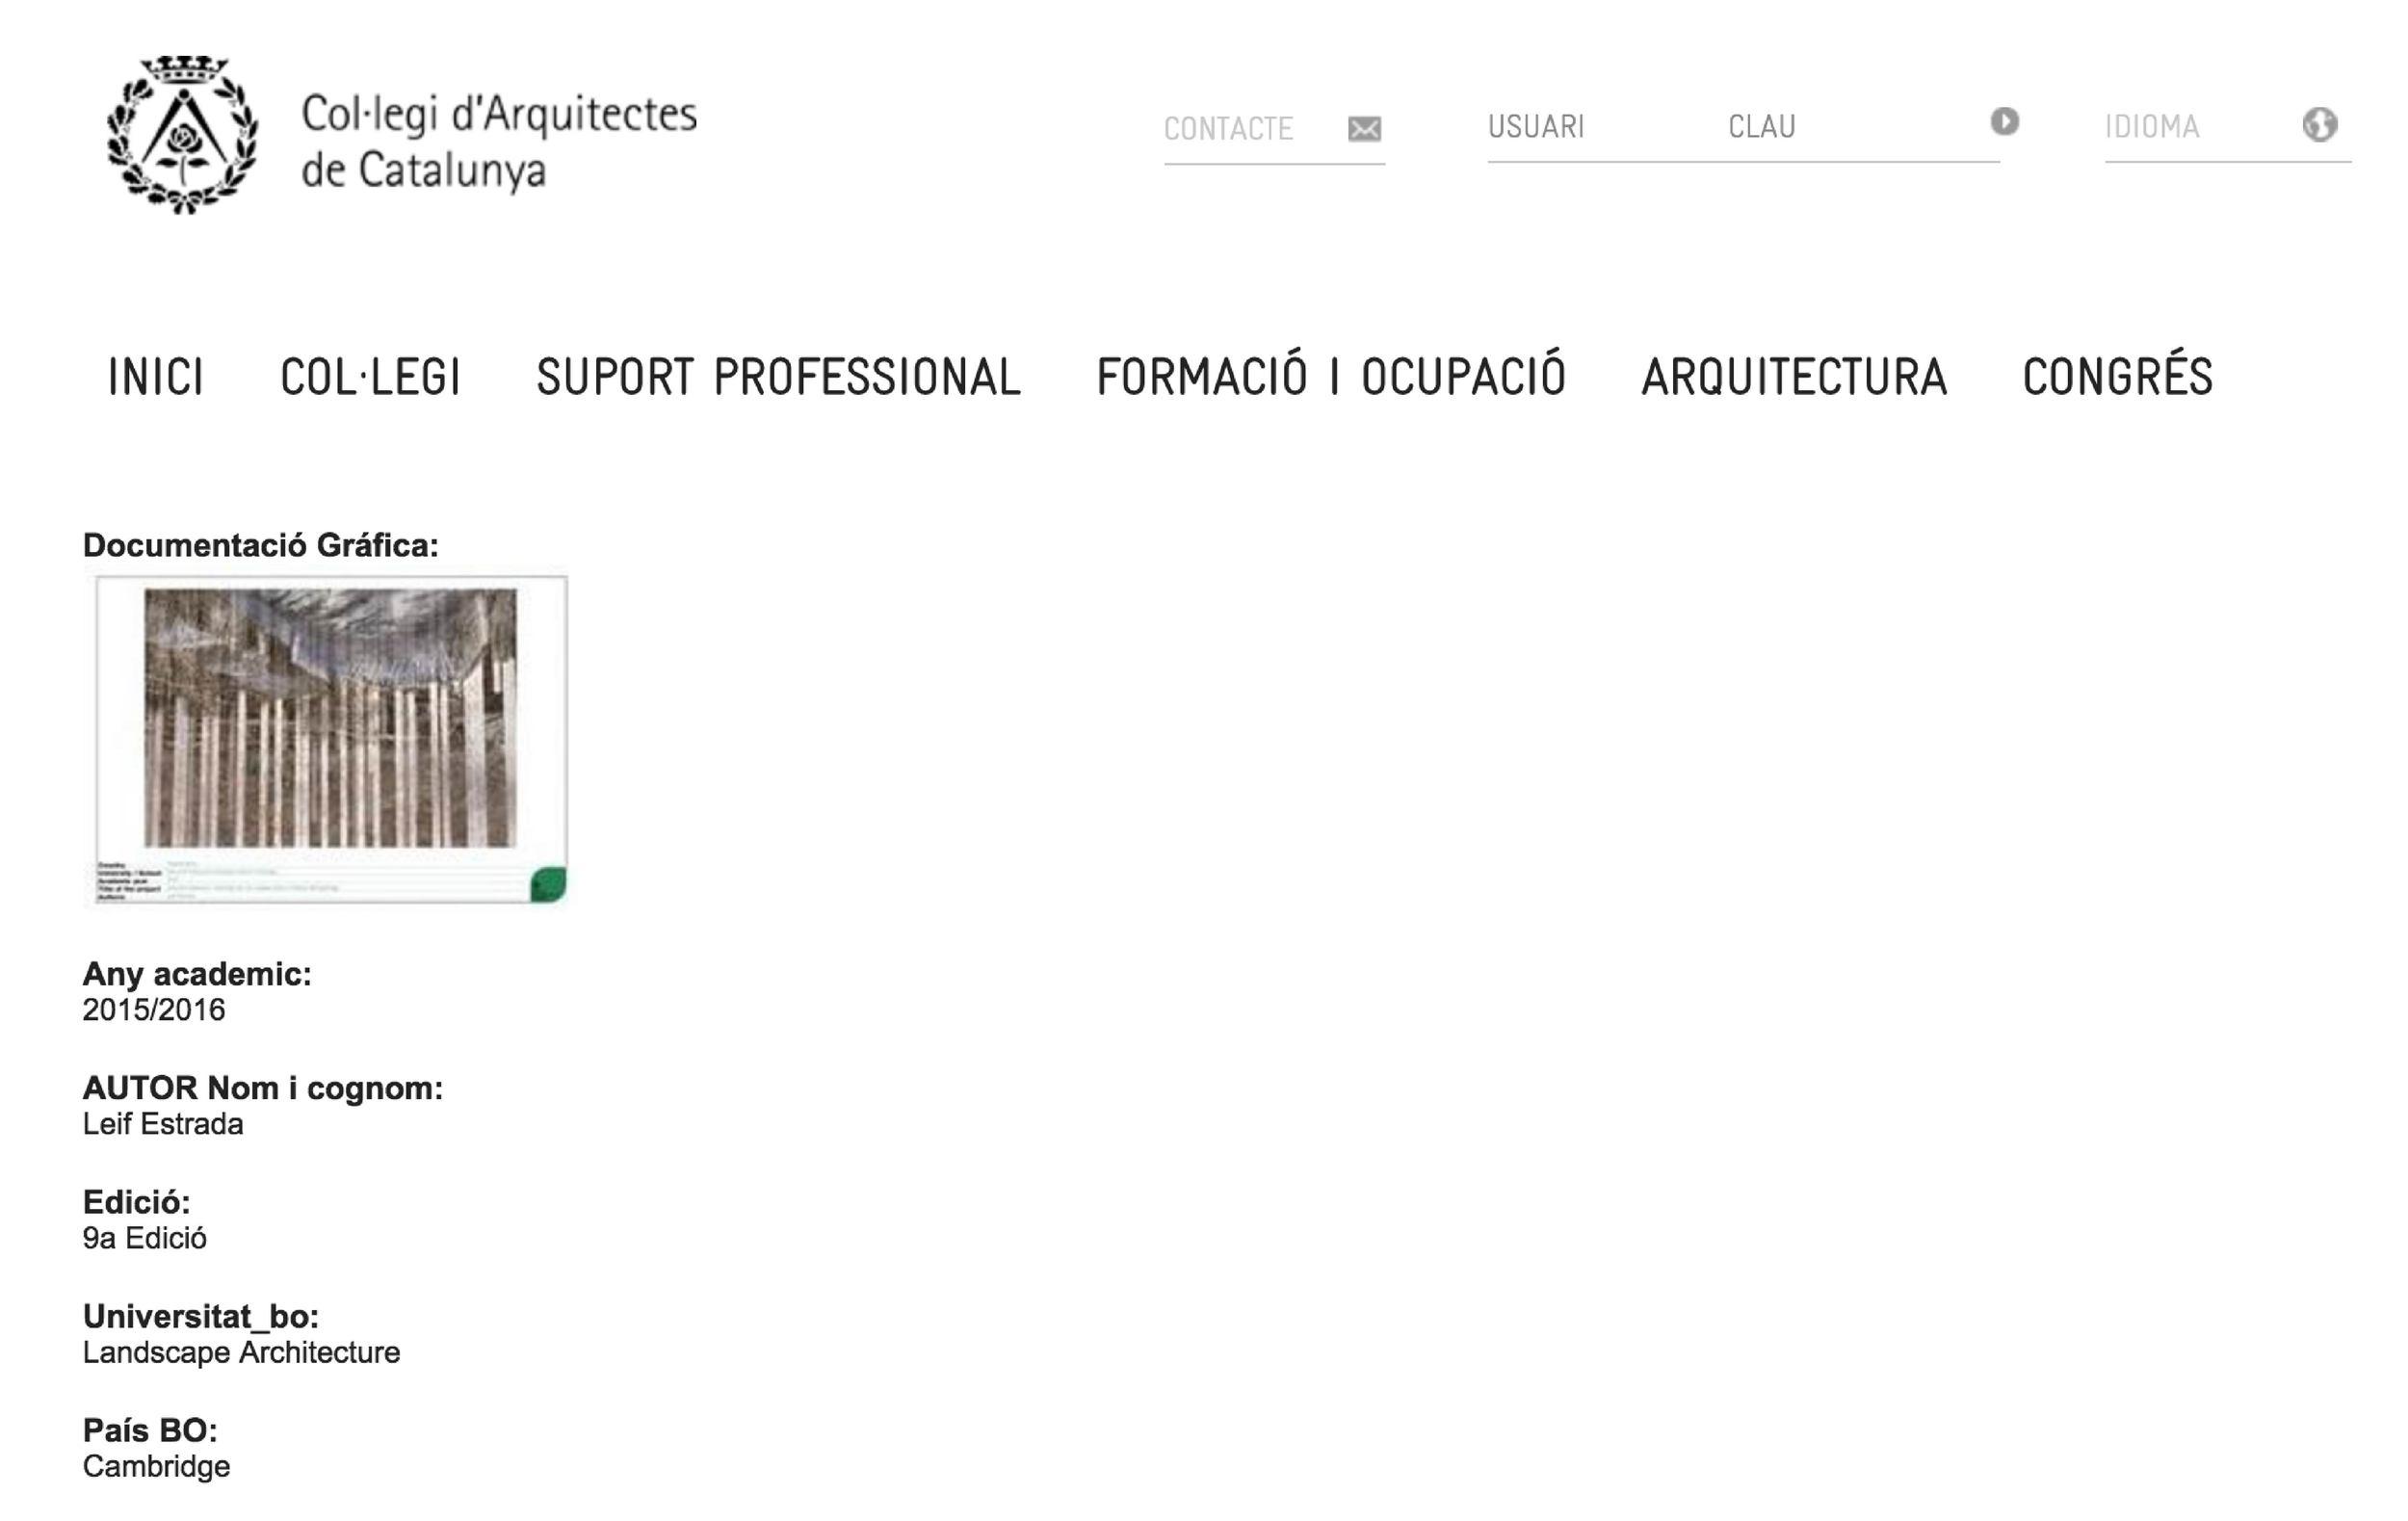 Collegi d'Architectes de Catalunya